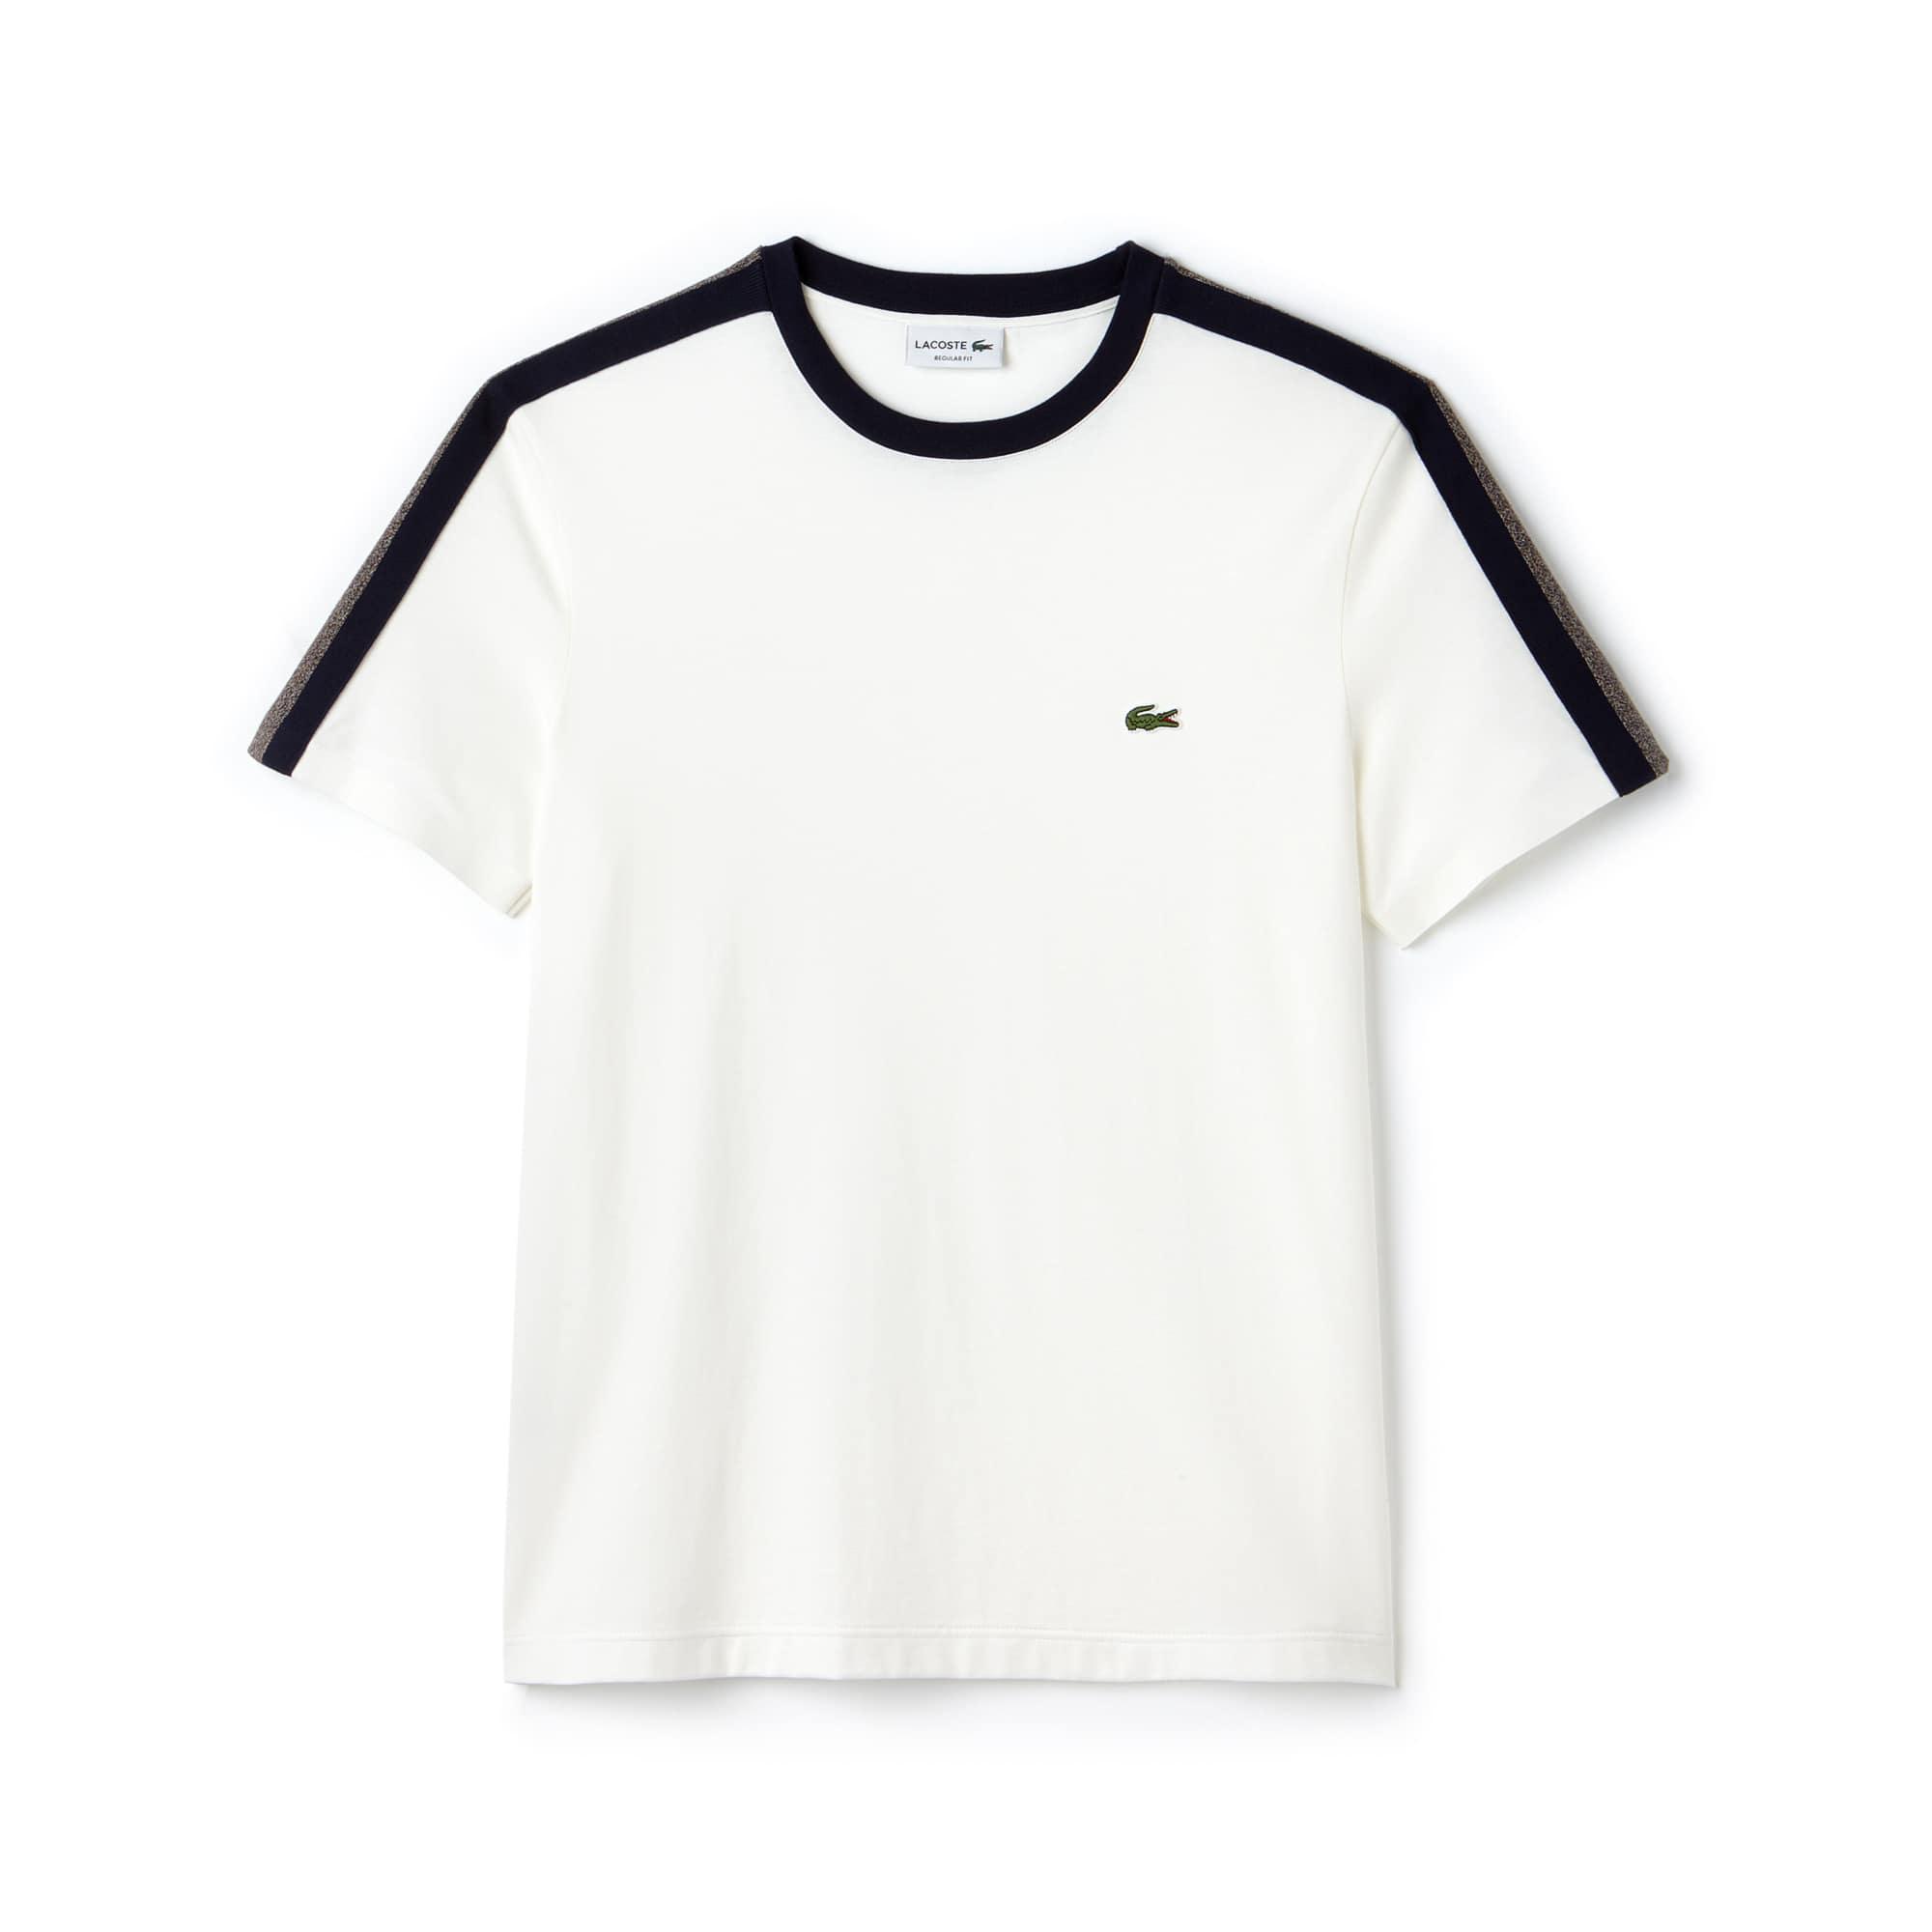 Herren T-Shirt mit Kontrast-Streifen